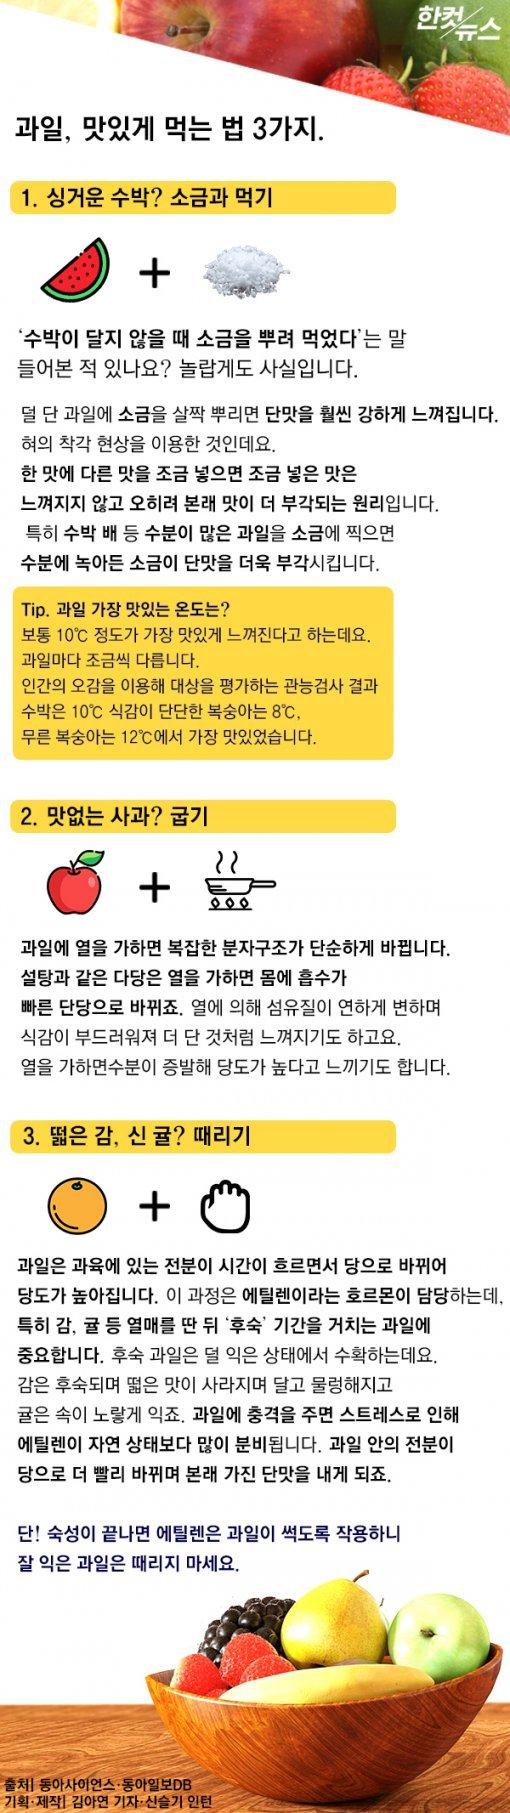 [한컷뉴스] 맛없는 수박, 소금과 함께 먹어라?